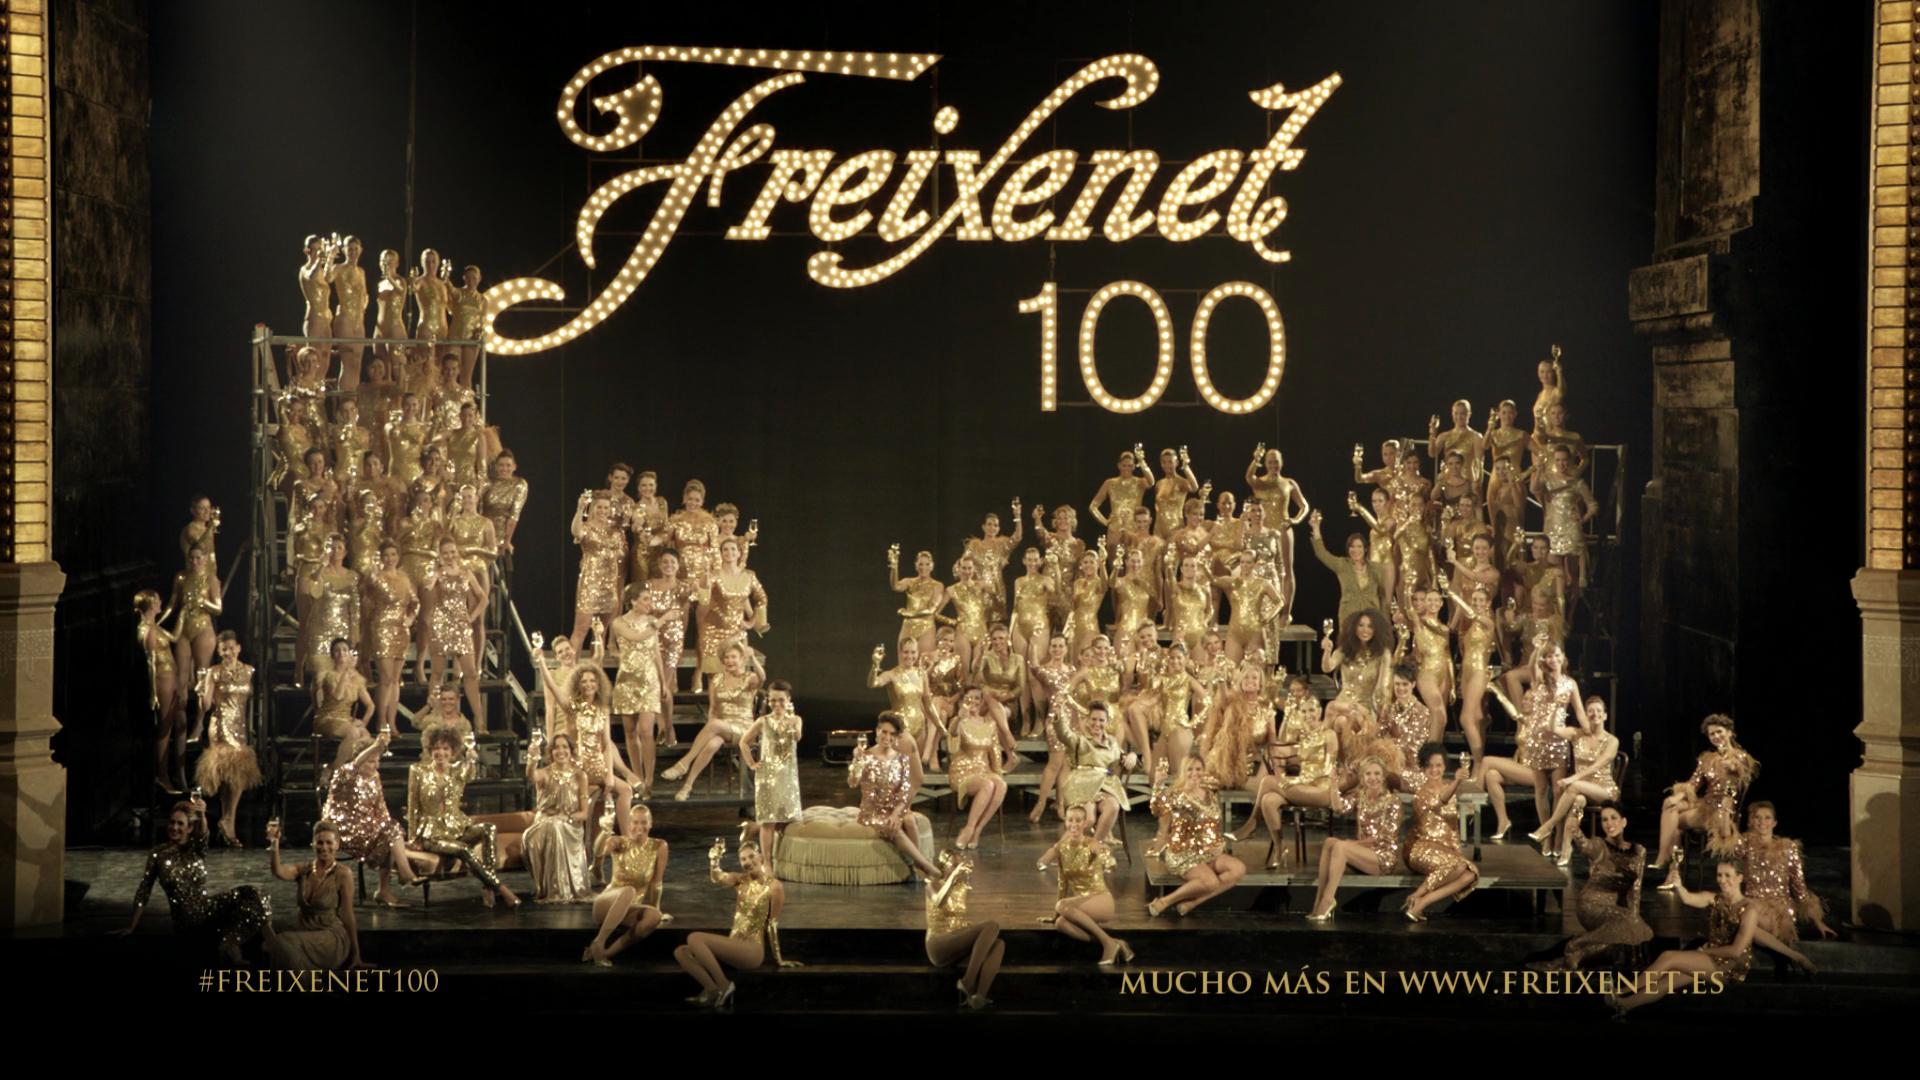 FREIXENET 100 años